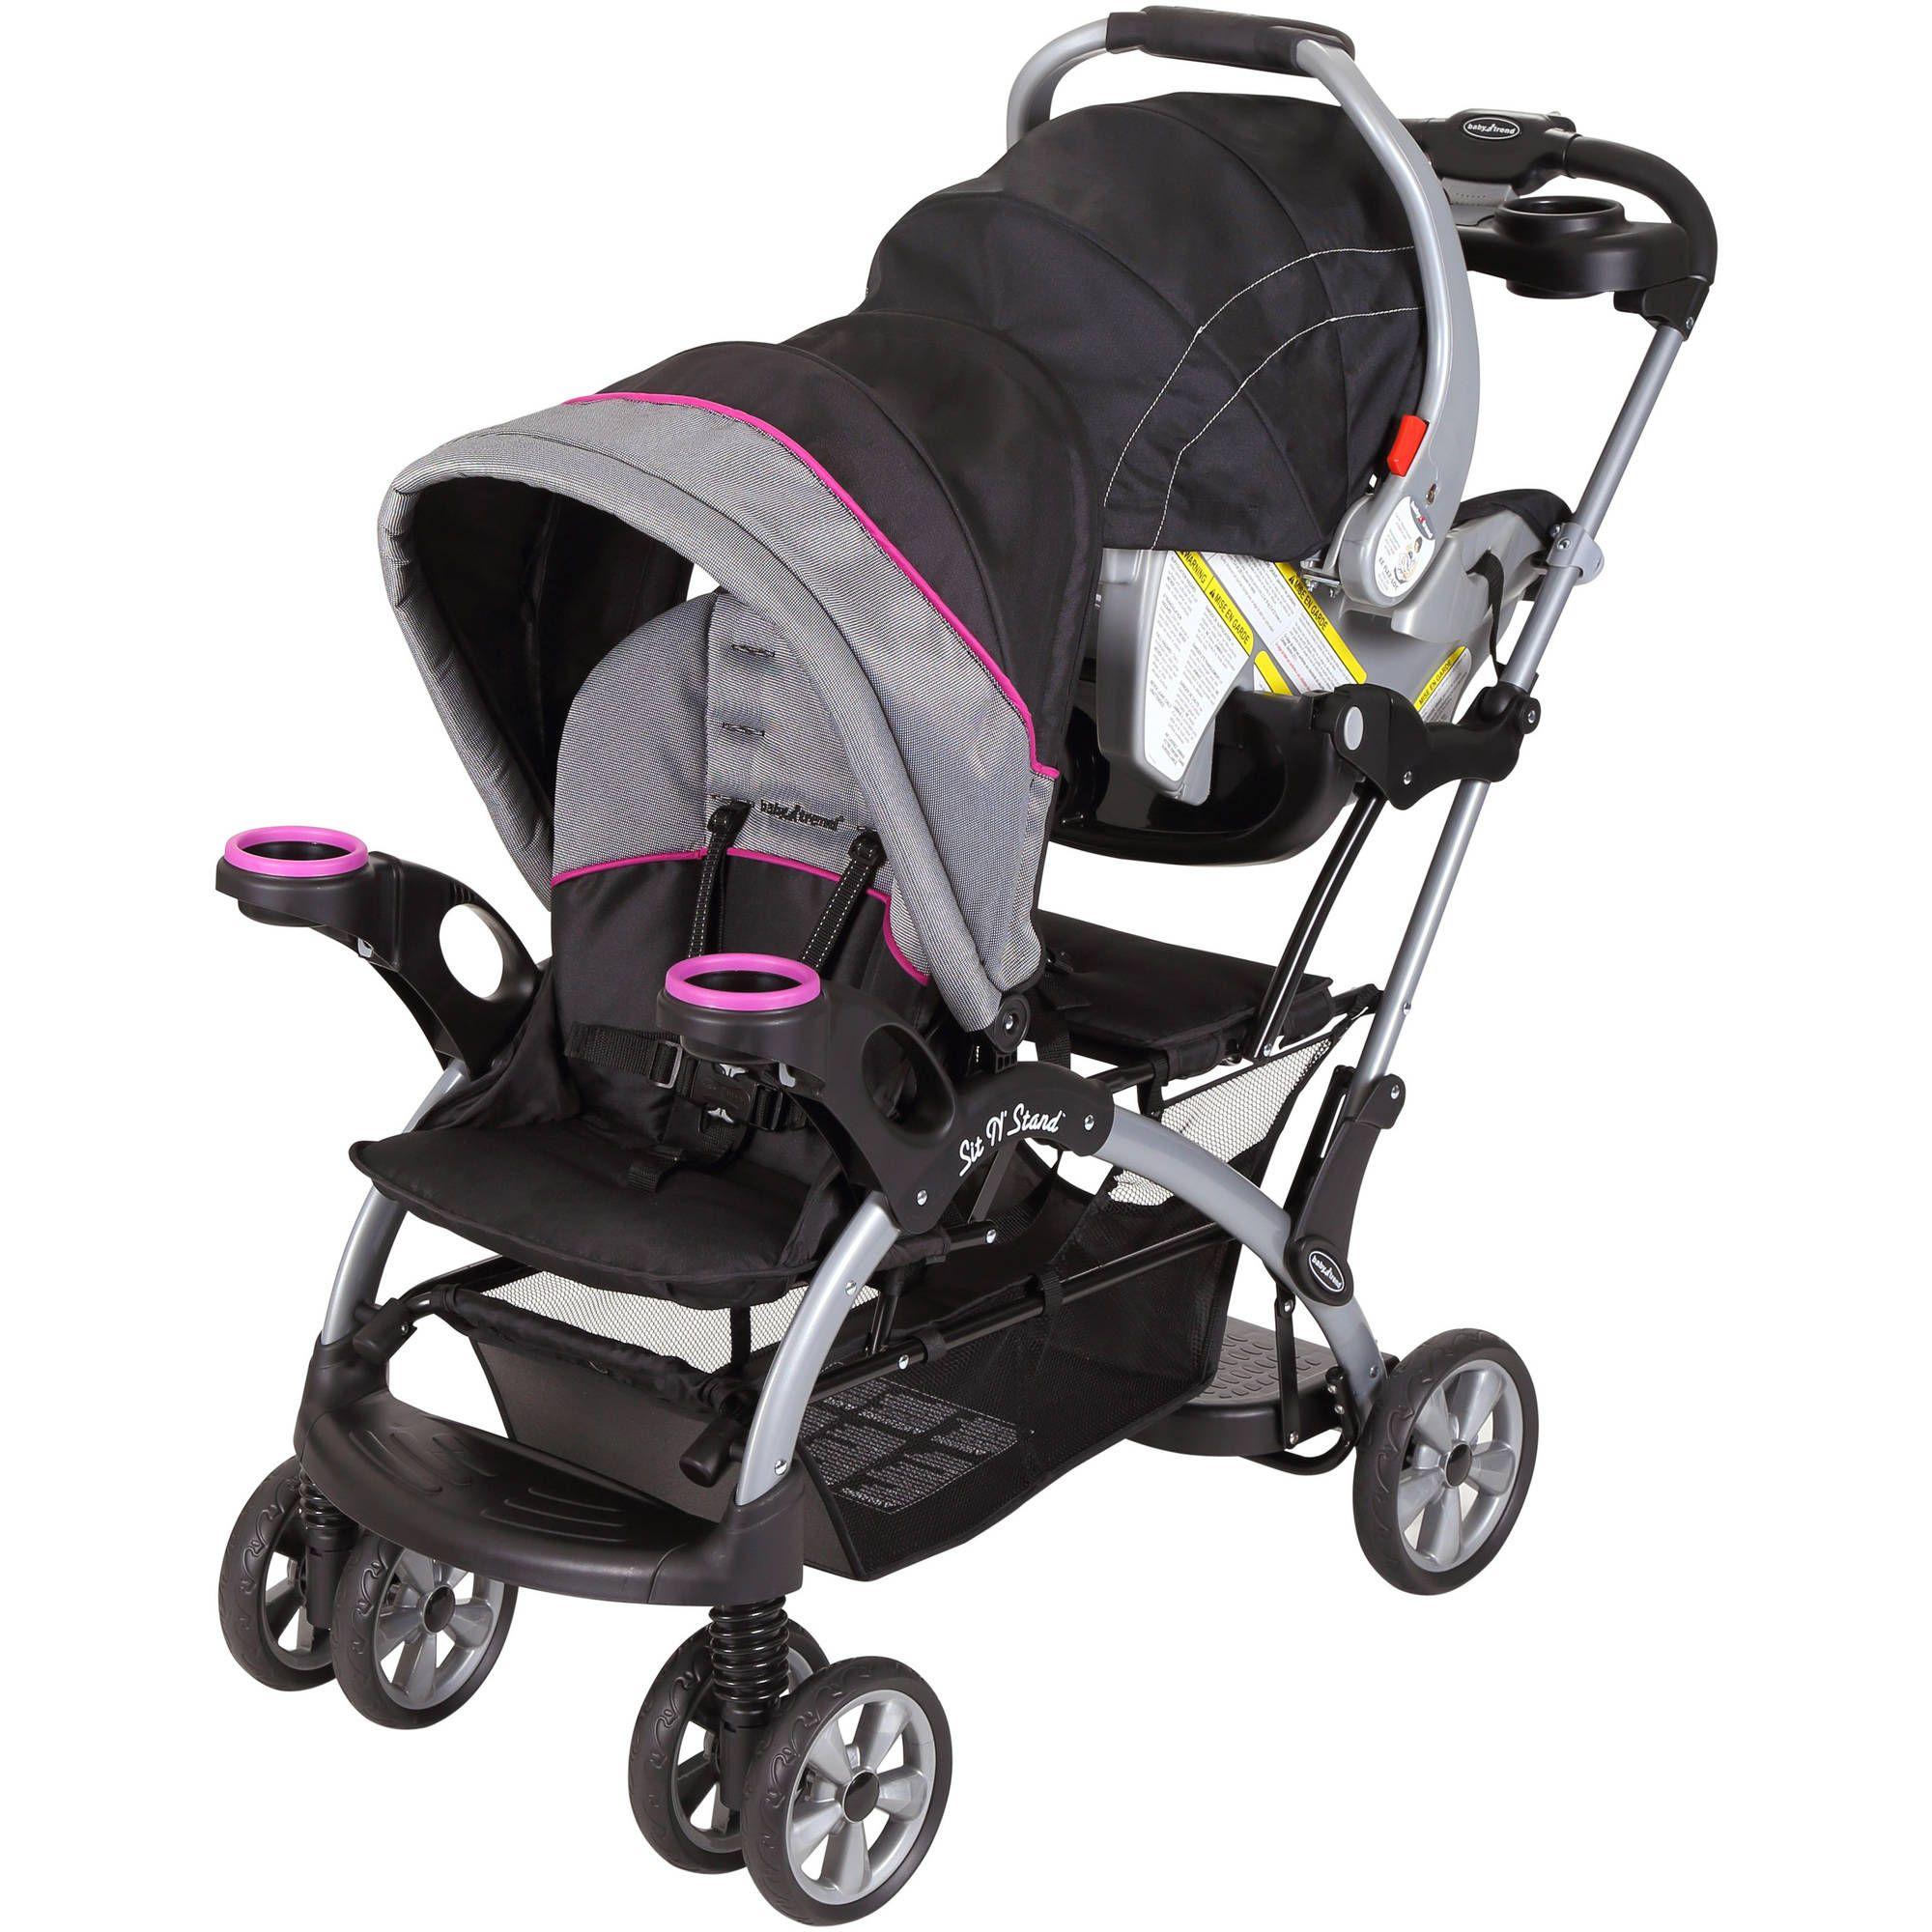 Ideale Baby Tendenz Doppel Kinderwagen Walmart Für